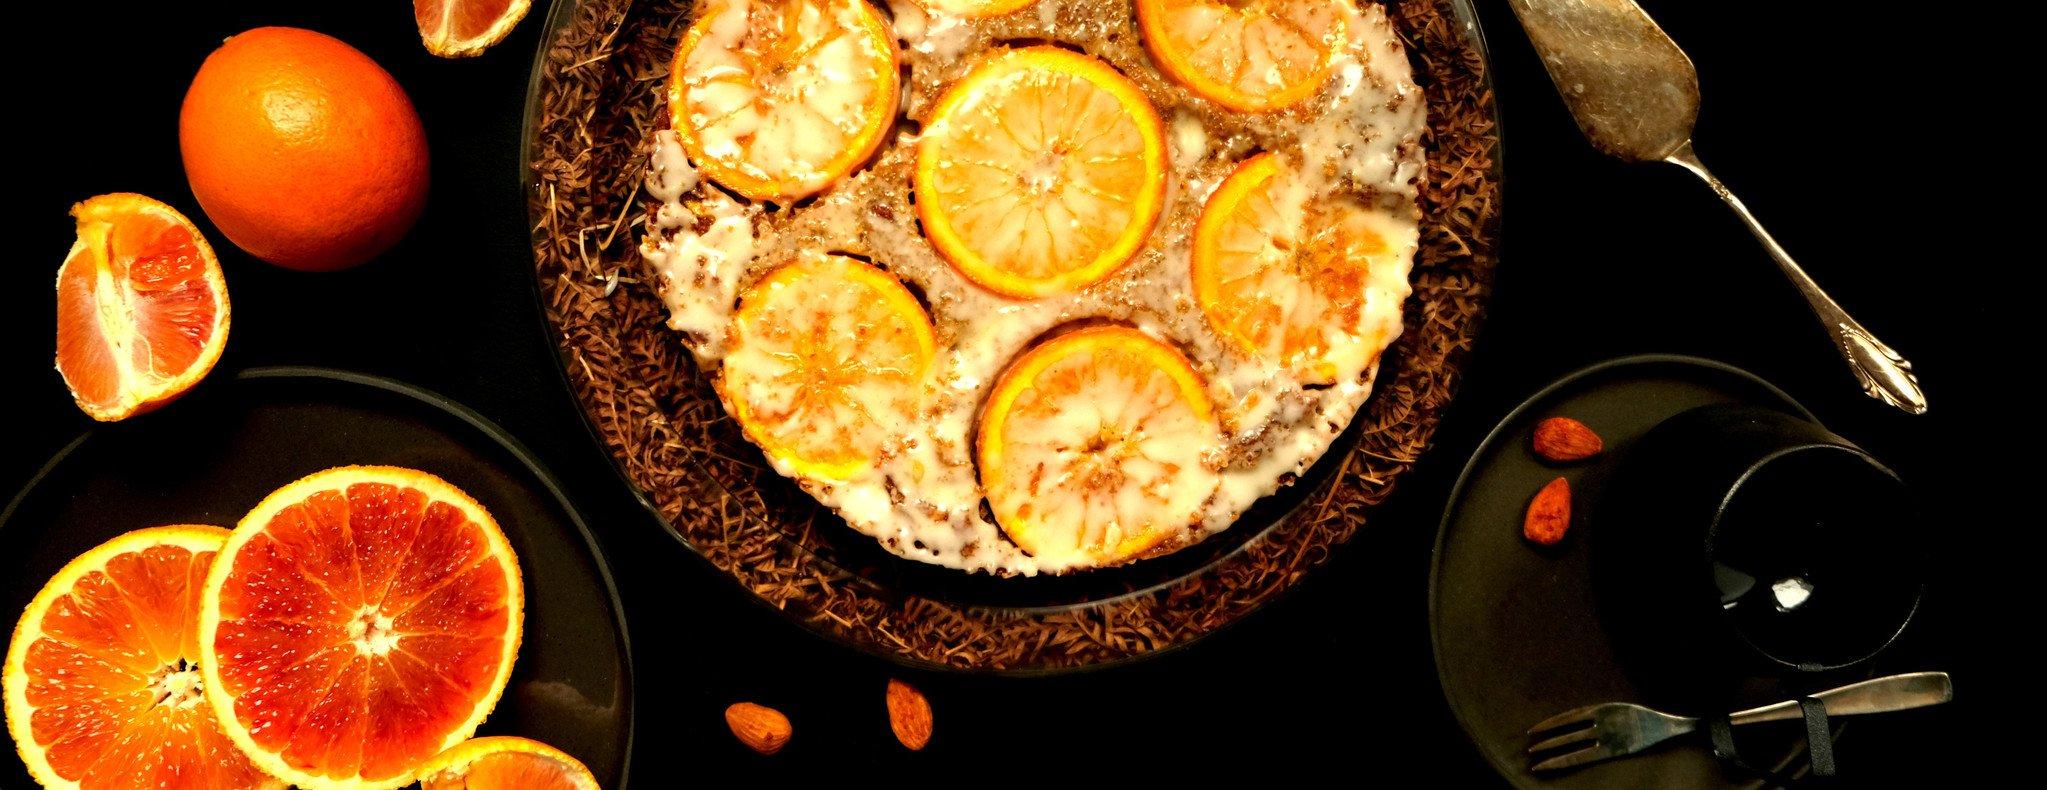 OrangenMandelkuchen